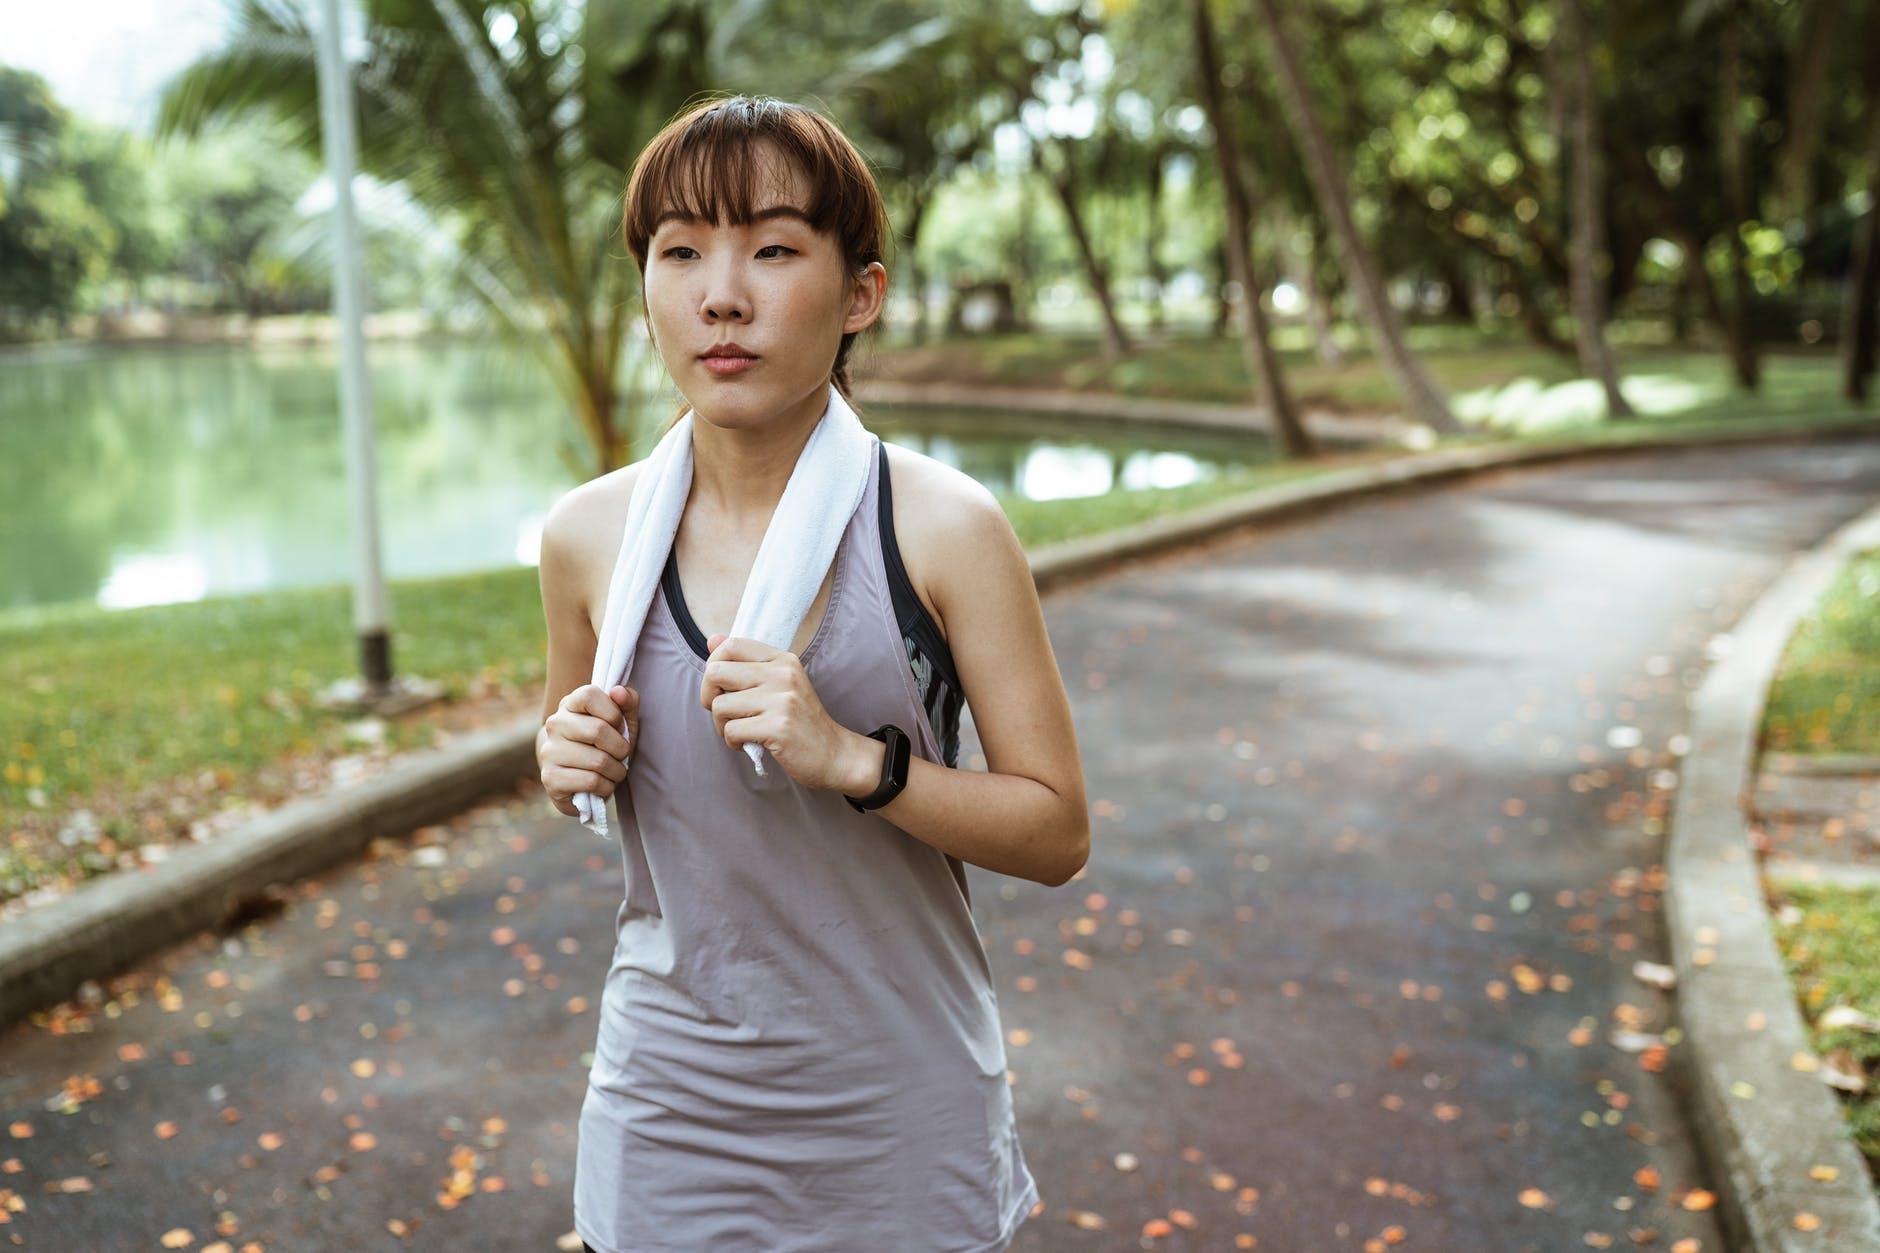 Training Running In Park